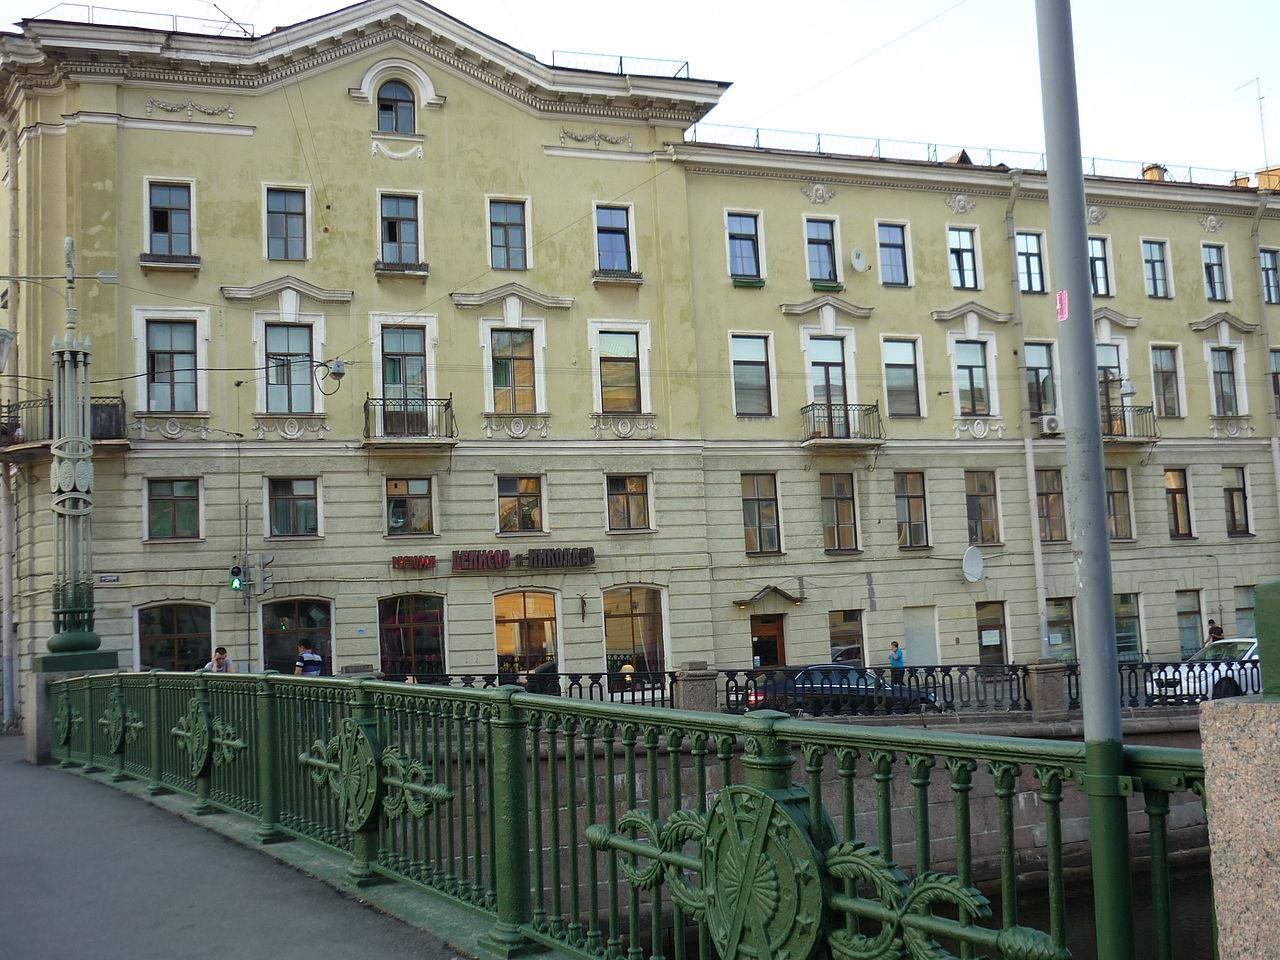 pont ascension voznesenski Petersbourg dostoievski crime châtiment raskolnikov